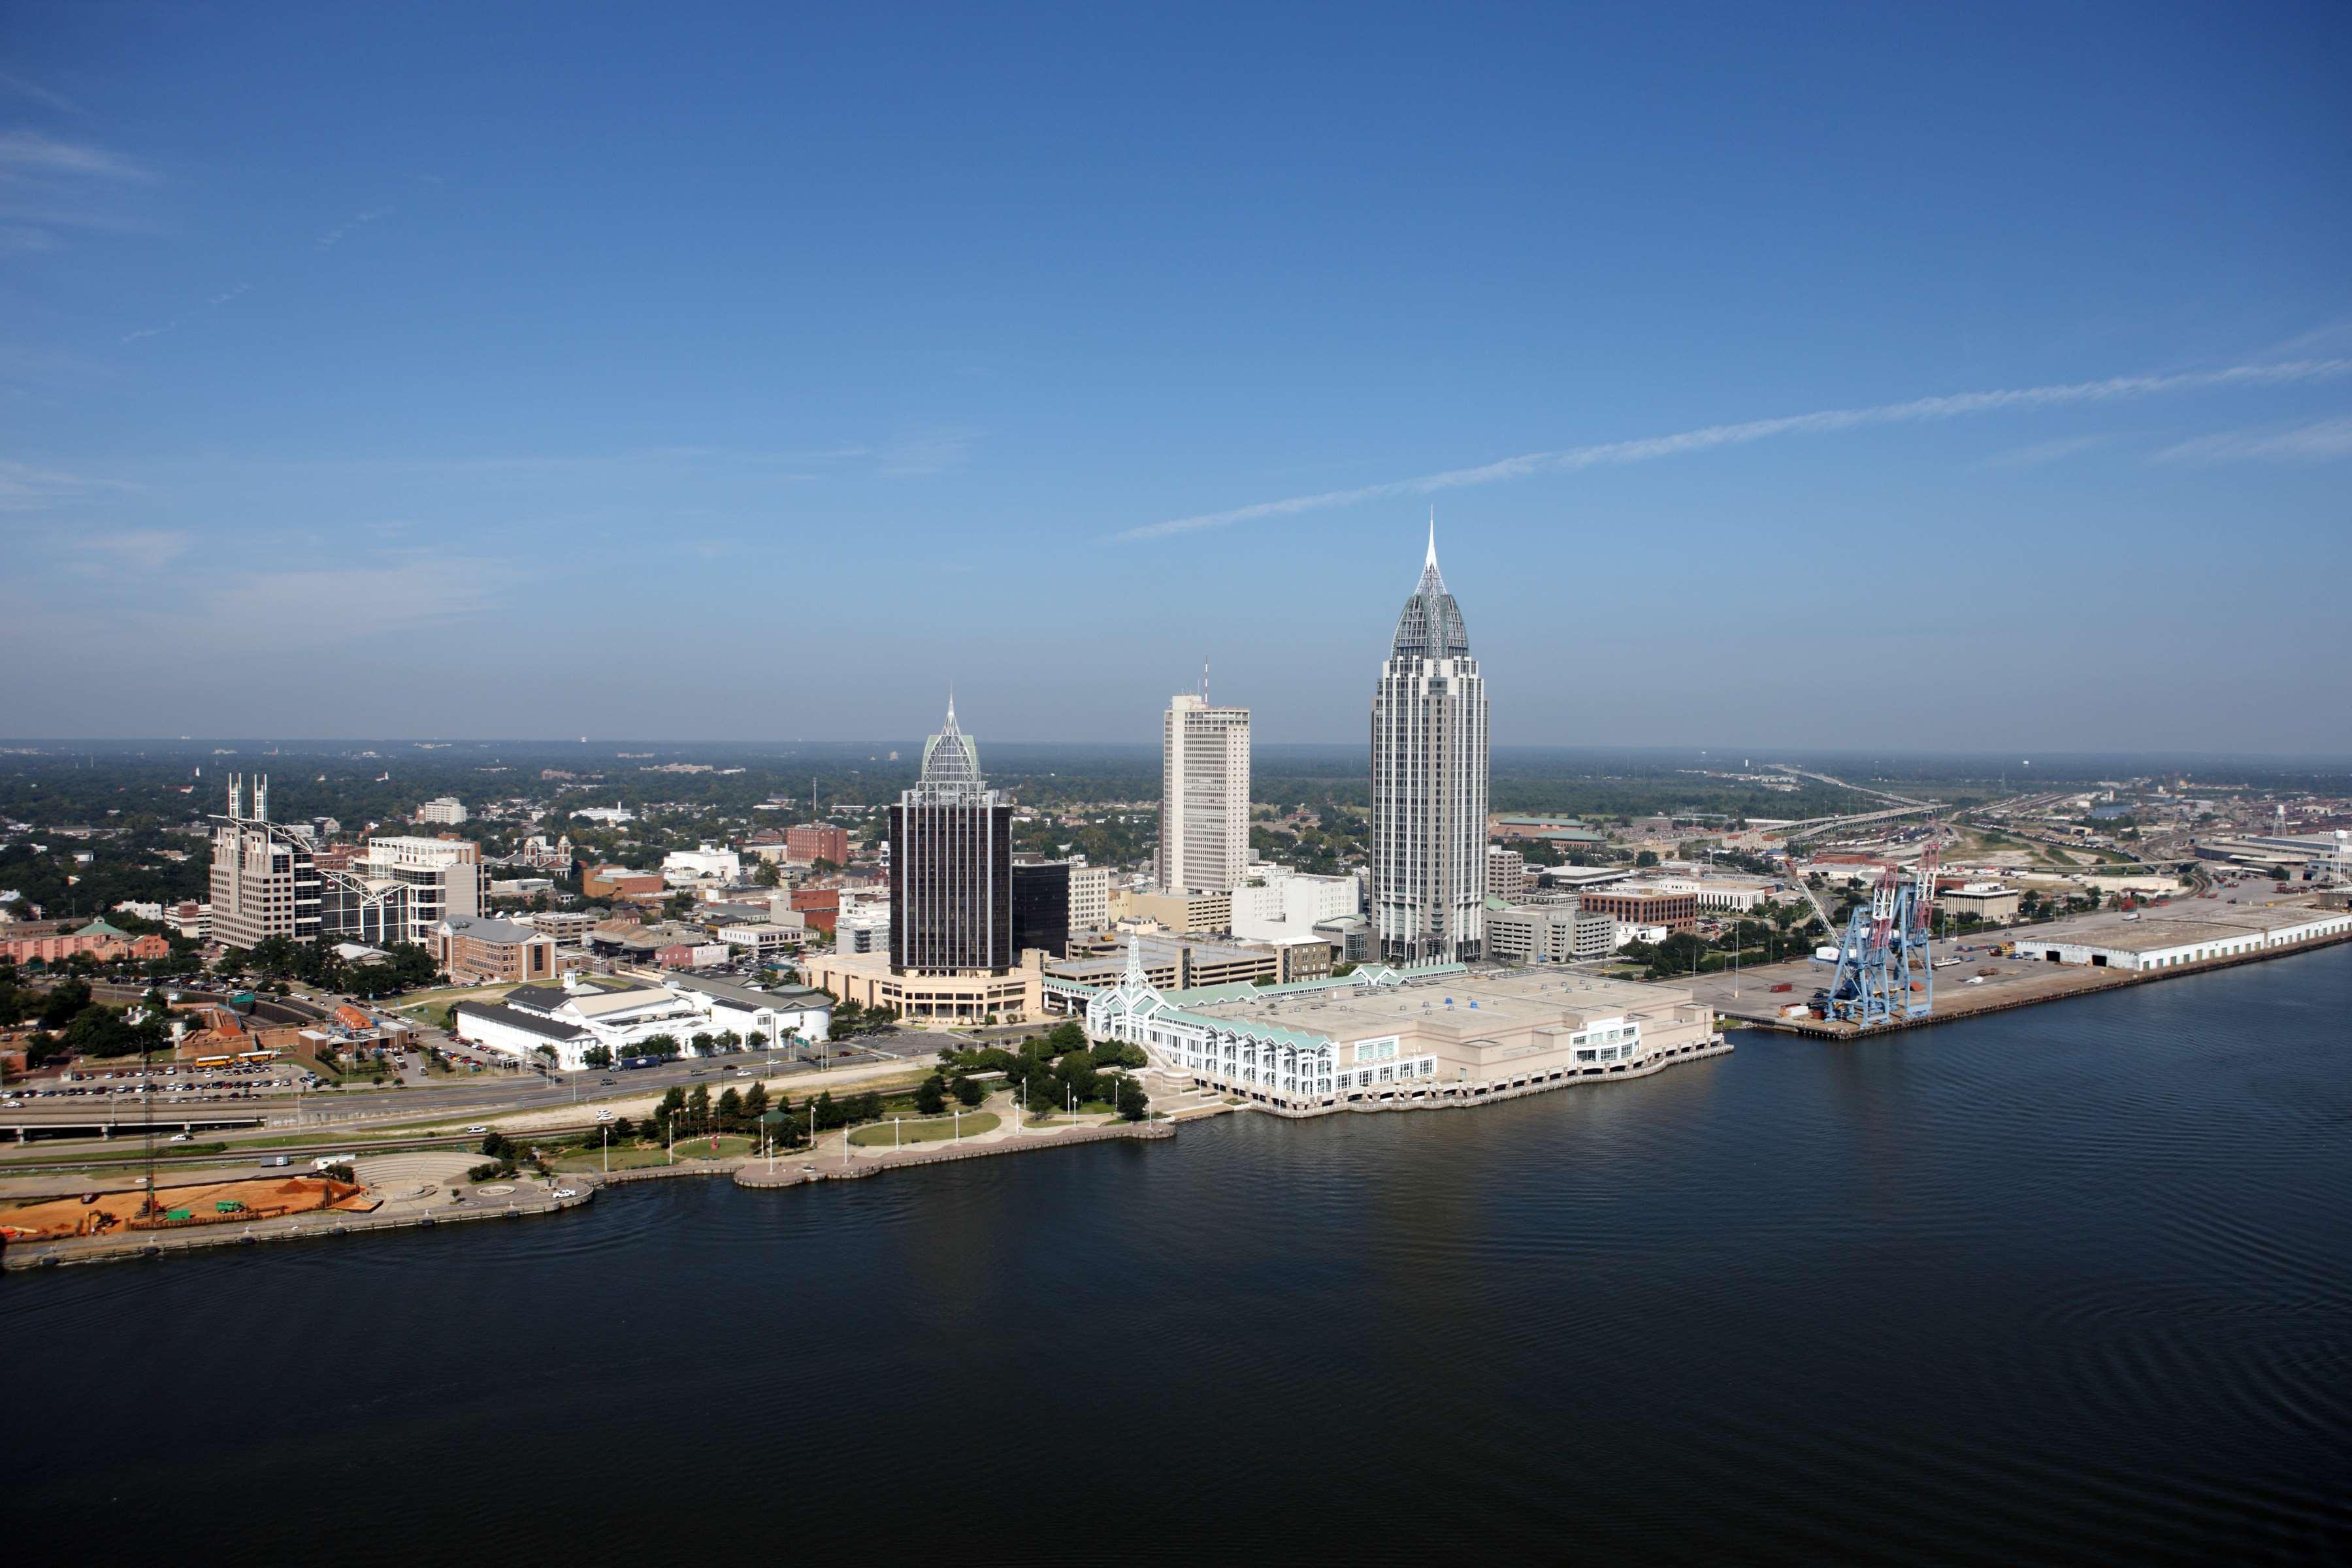 Gmfs Mortgage Mobile Alabama 5 Star Mortgage Lender